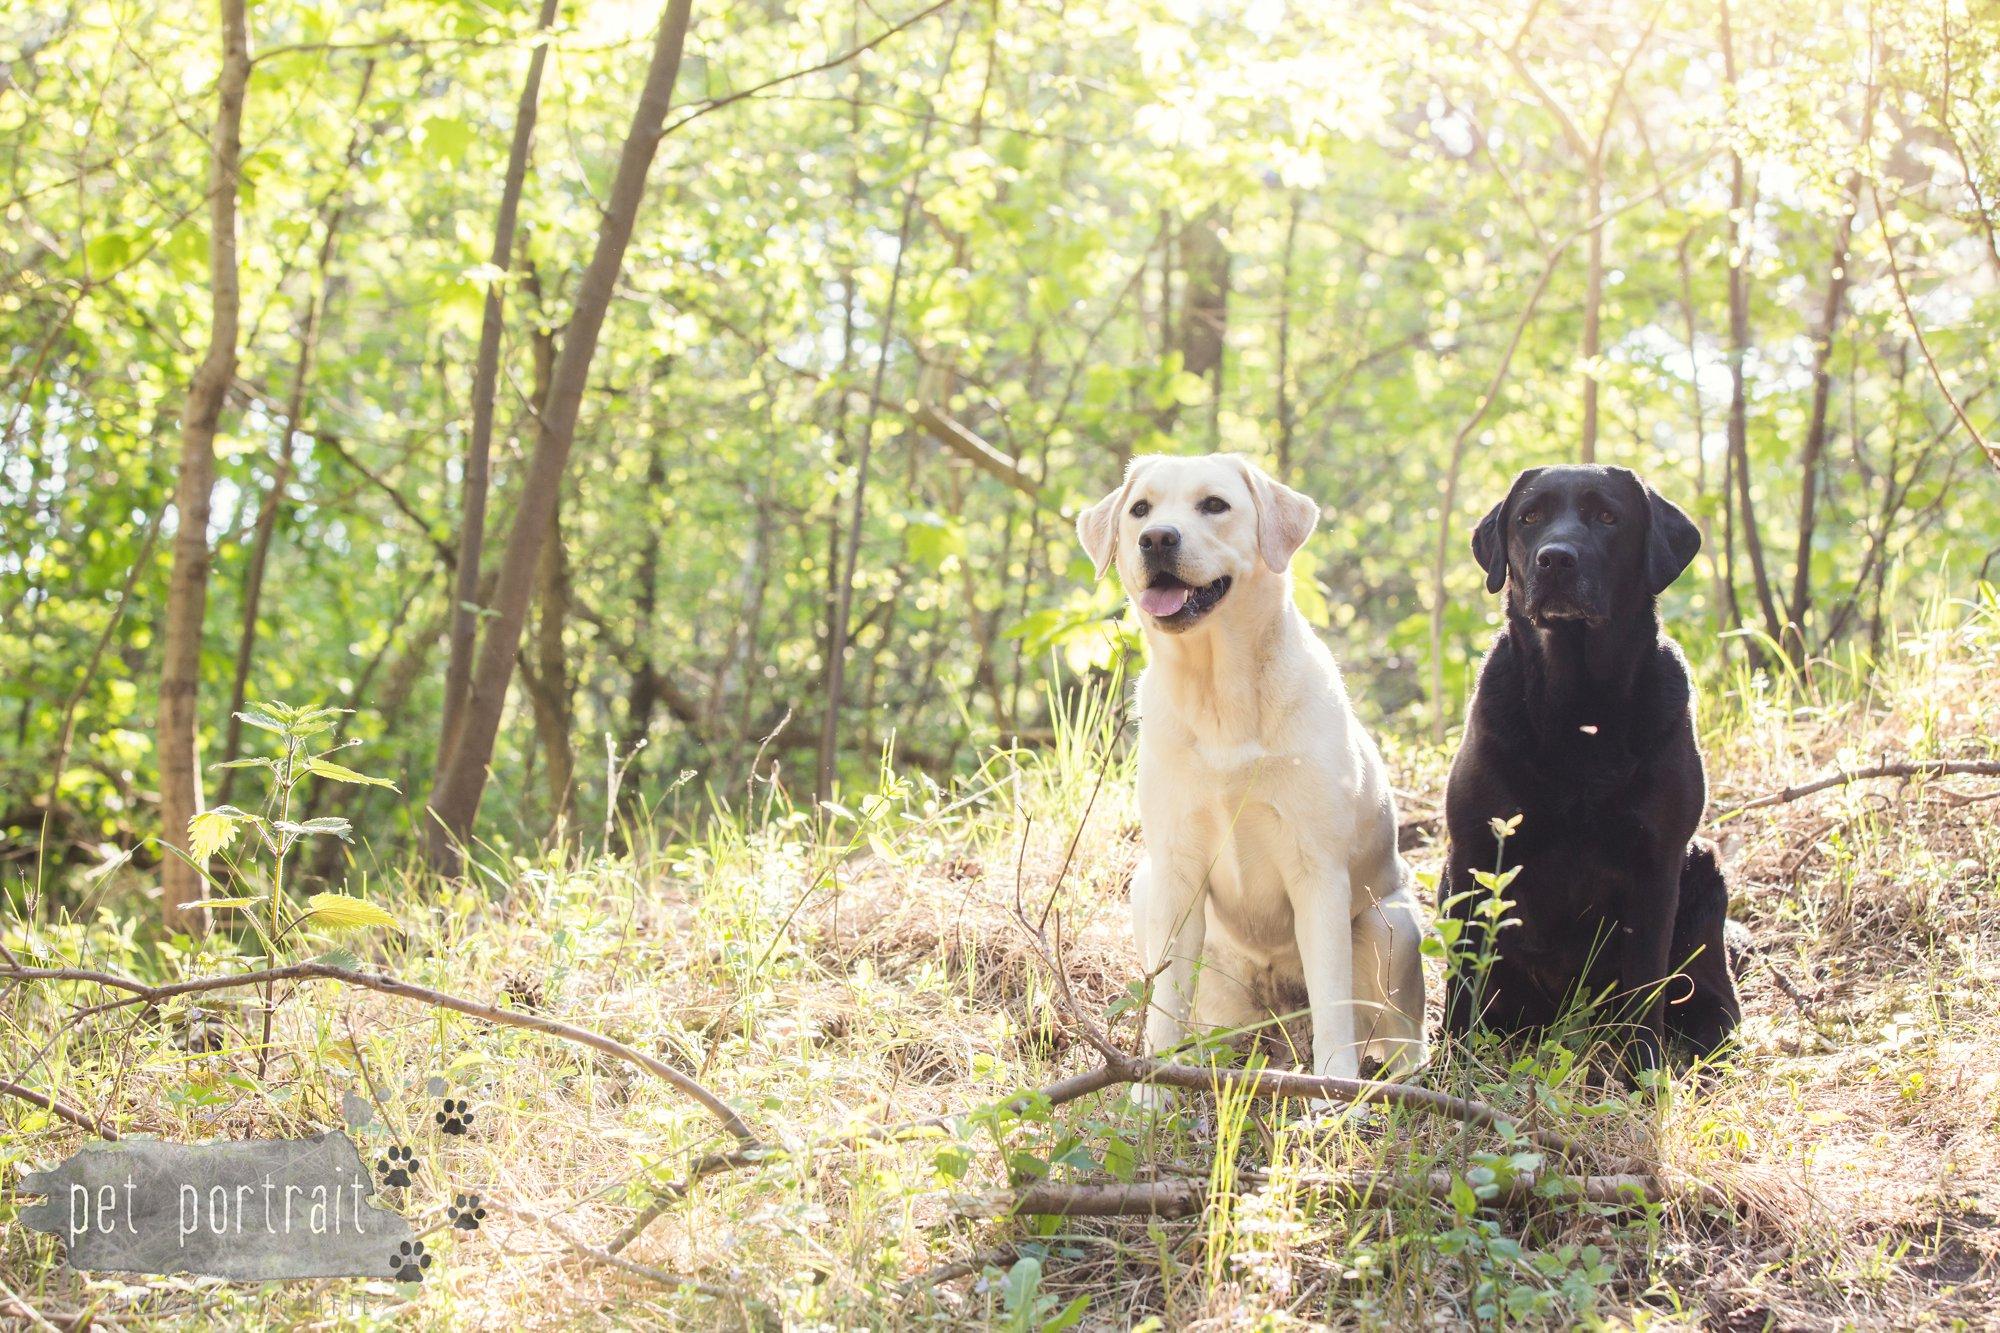 Hondenfotograaf Wassenaar - Beloved Dier en Baasje fotoshoot in de duinen-3